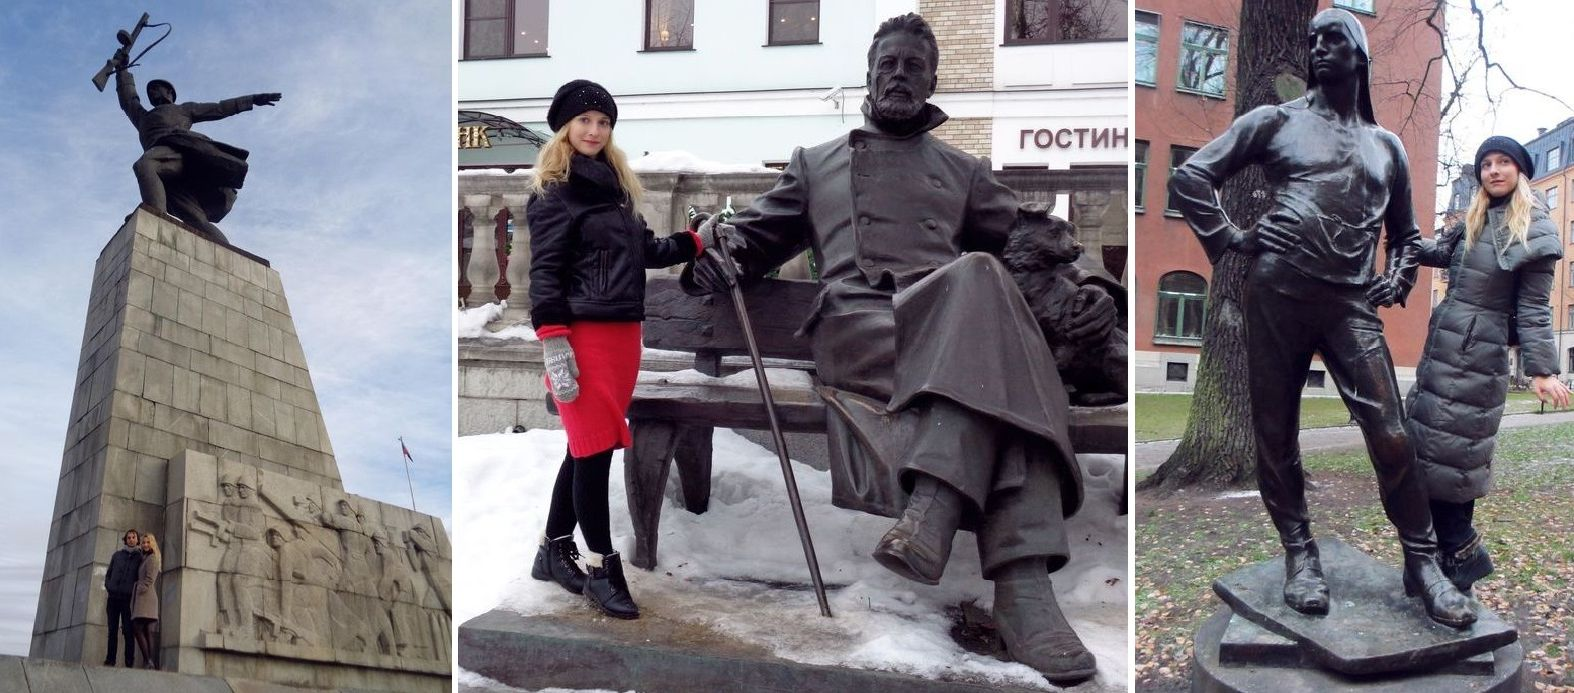 У монумента «Героям битвы под Москвой» в России, памятника Чехову в Звенигороде и скульптуры портового рабочего в Стокгольме. А еще много скульптур по всей России, из Венгрии, Испании, Финляндии и так далее. Фото предоставлено TUT.BY героиней материала Ириной Н.